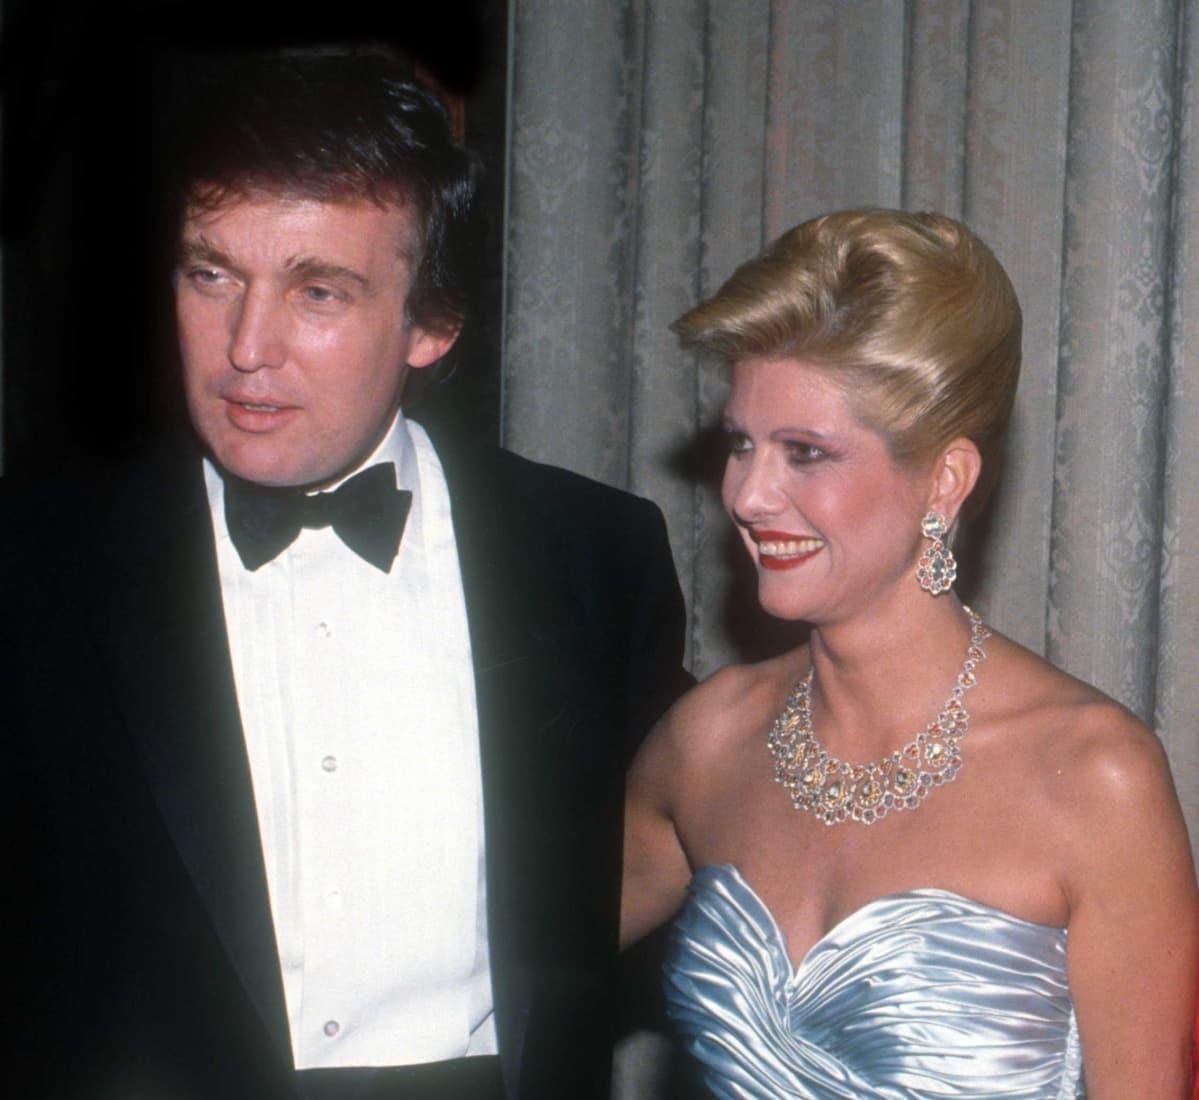 Donald ja Ivana Trump juhla-asuissa. Donaldilla on smokki ja Ivanalla siniharmaa iltapuku ja suuret korut.